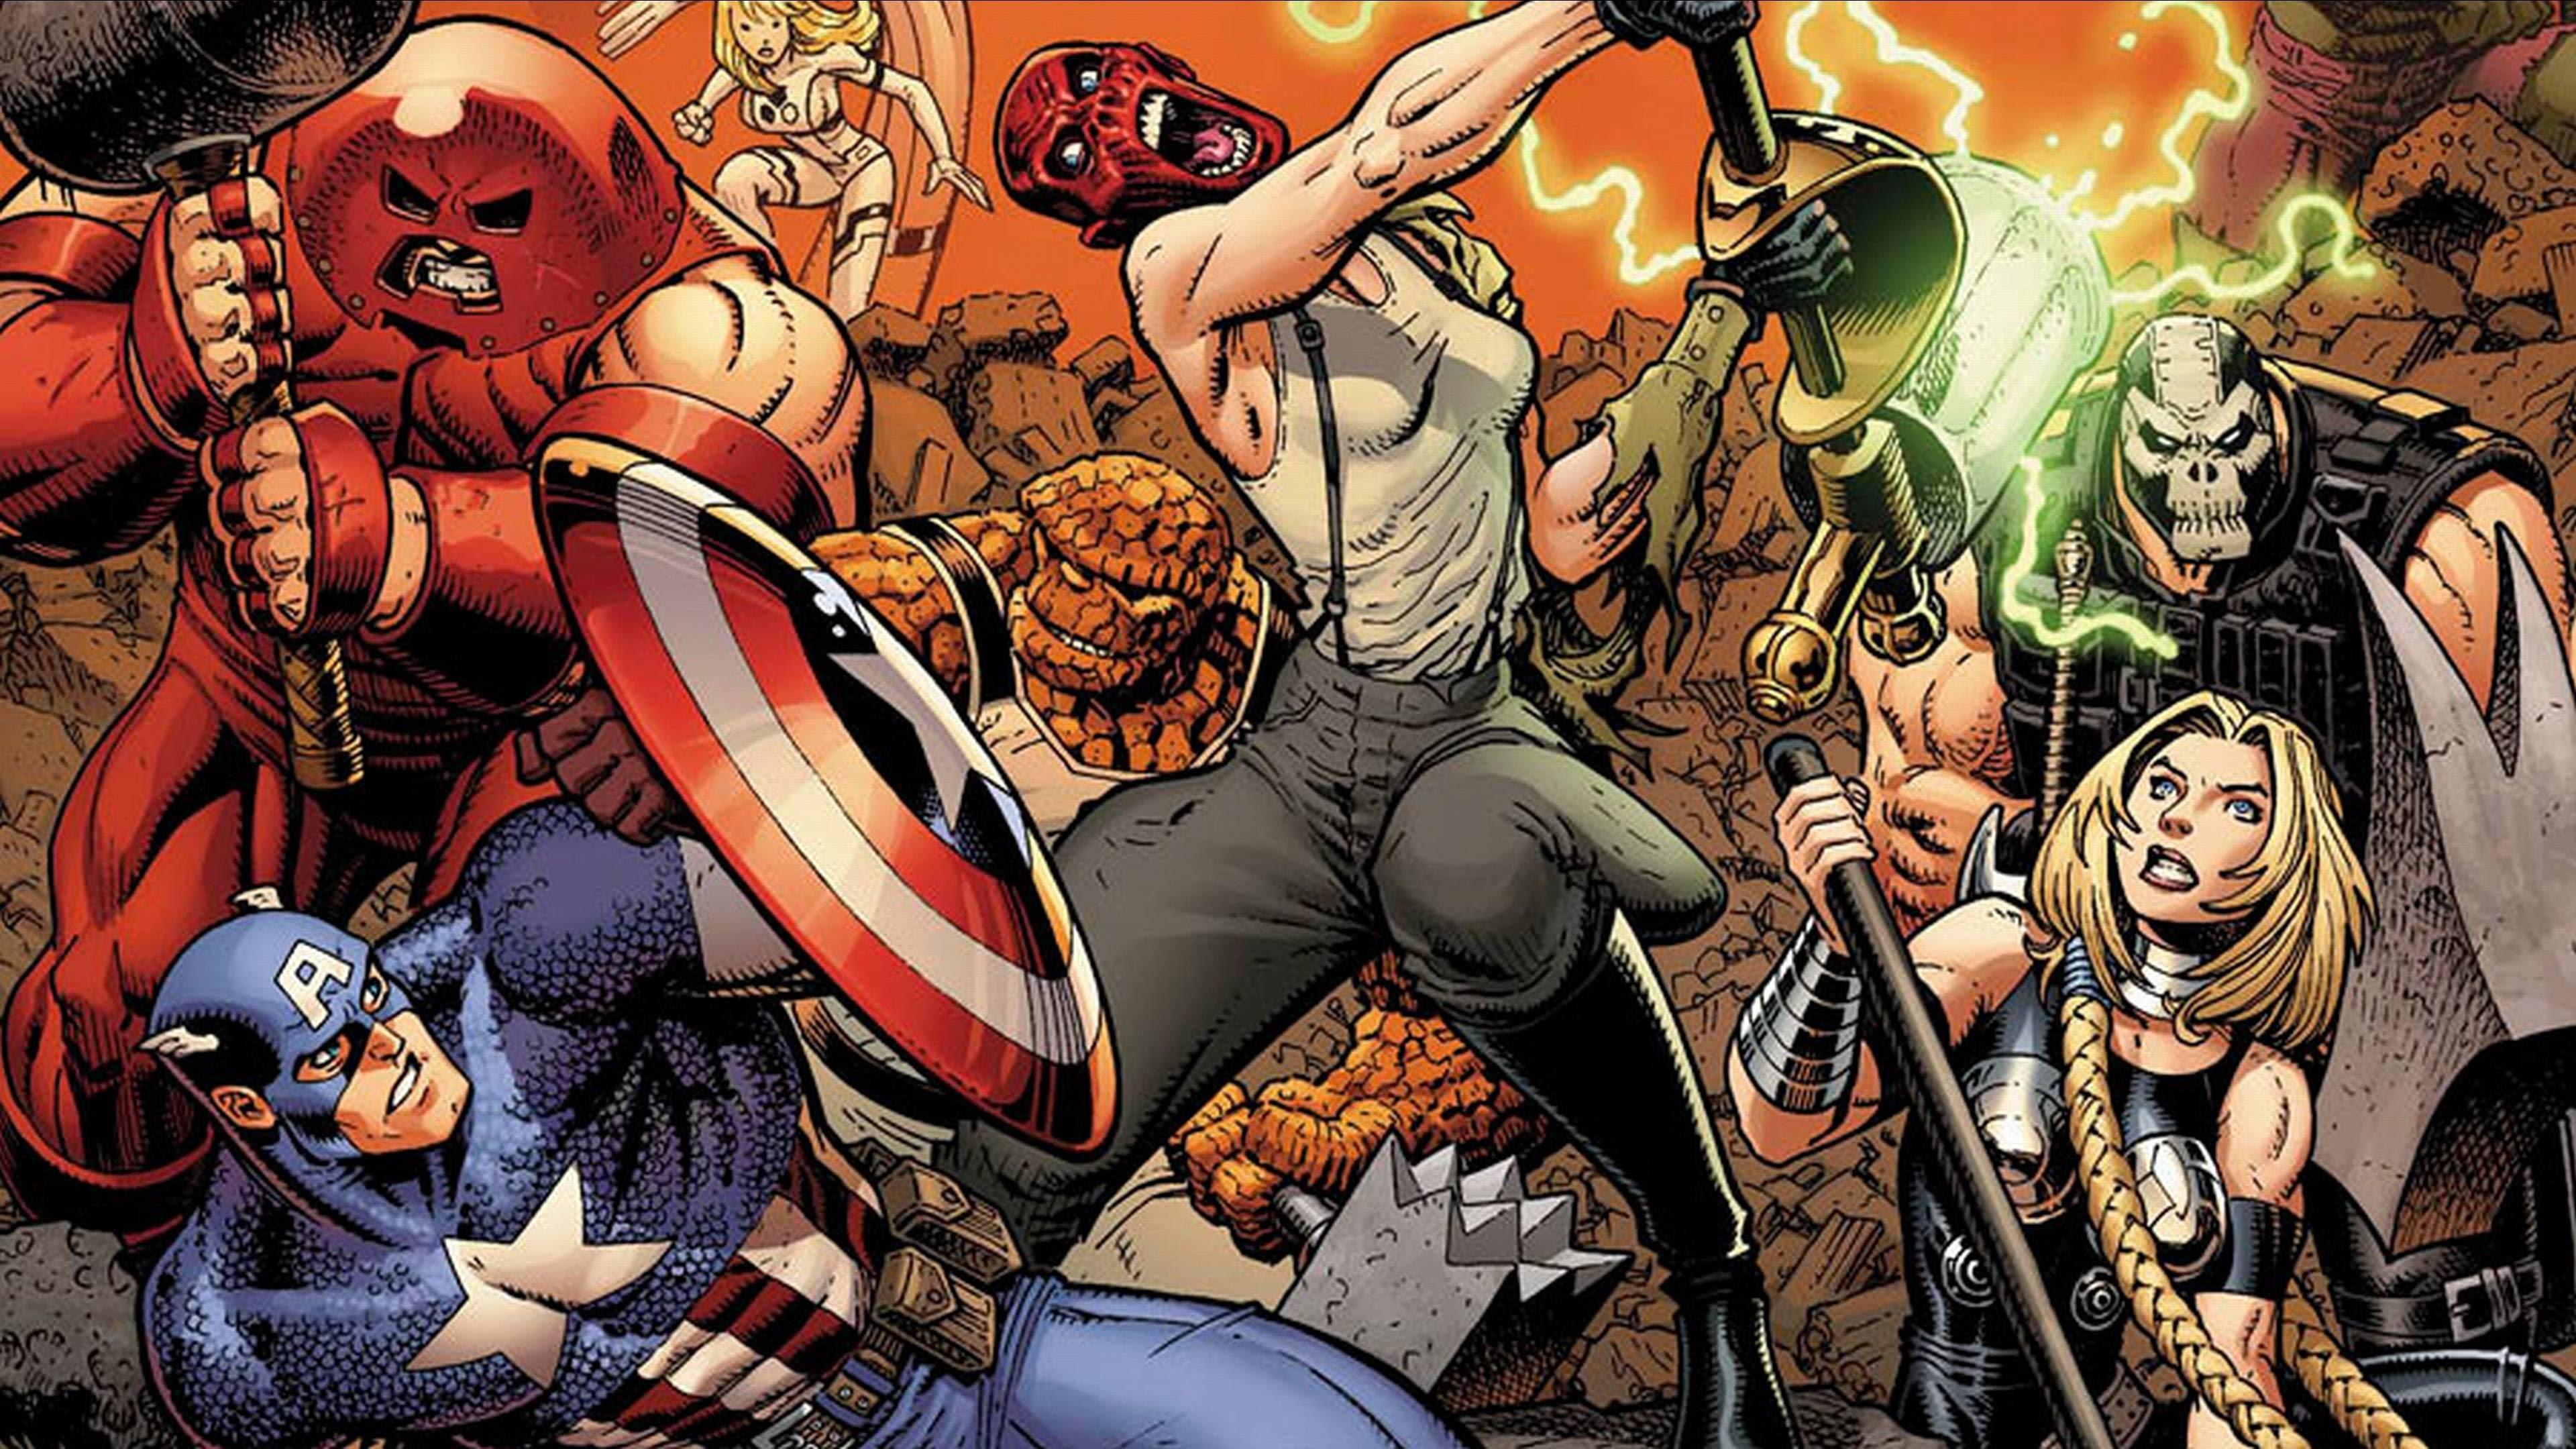 Avengers Wallpaper for Desktop (70+ images)